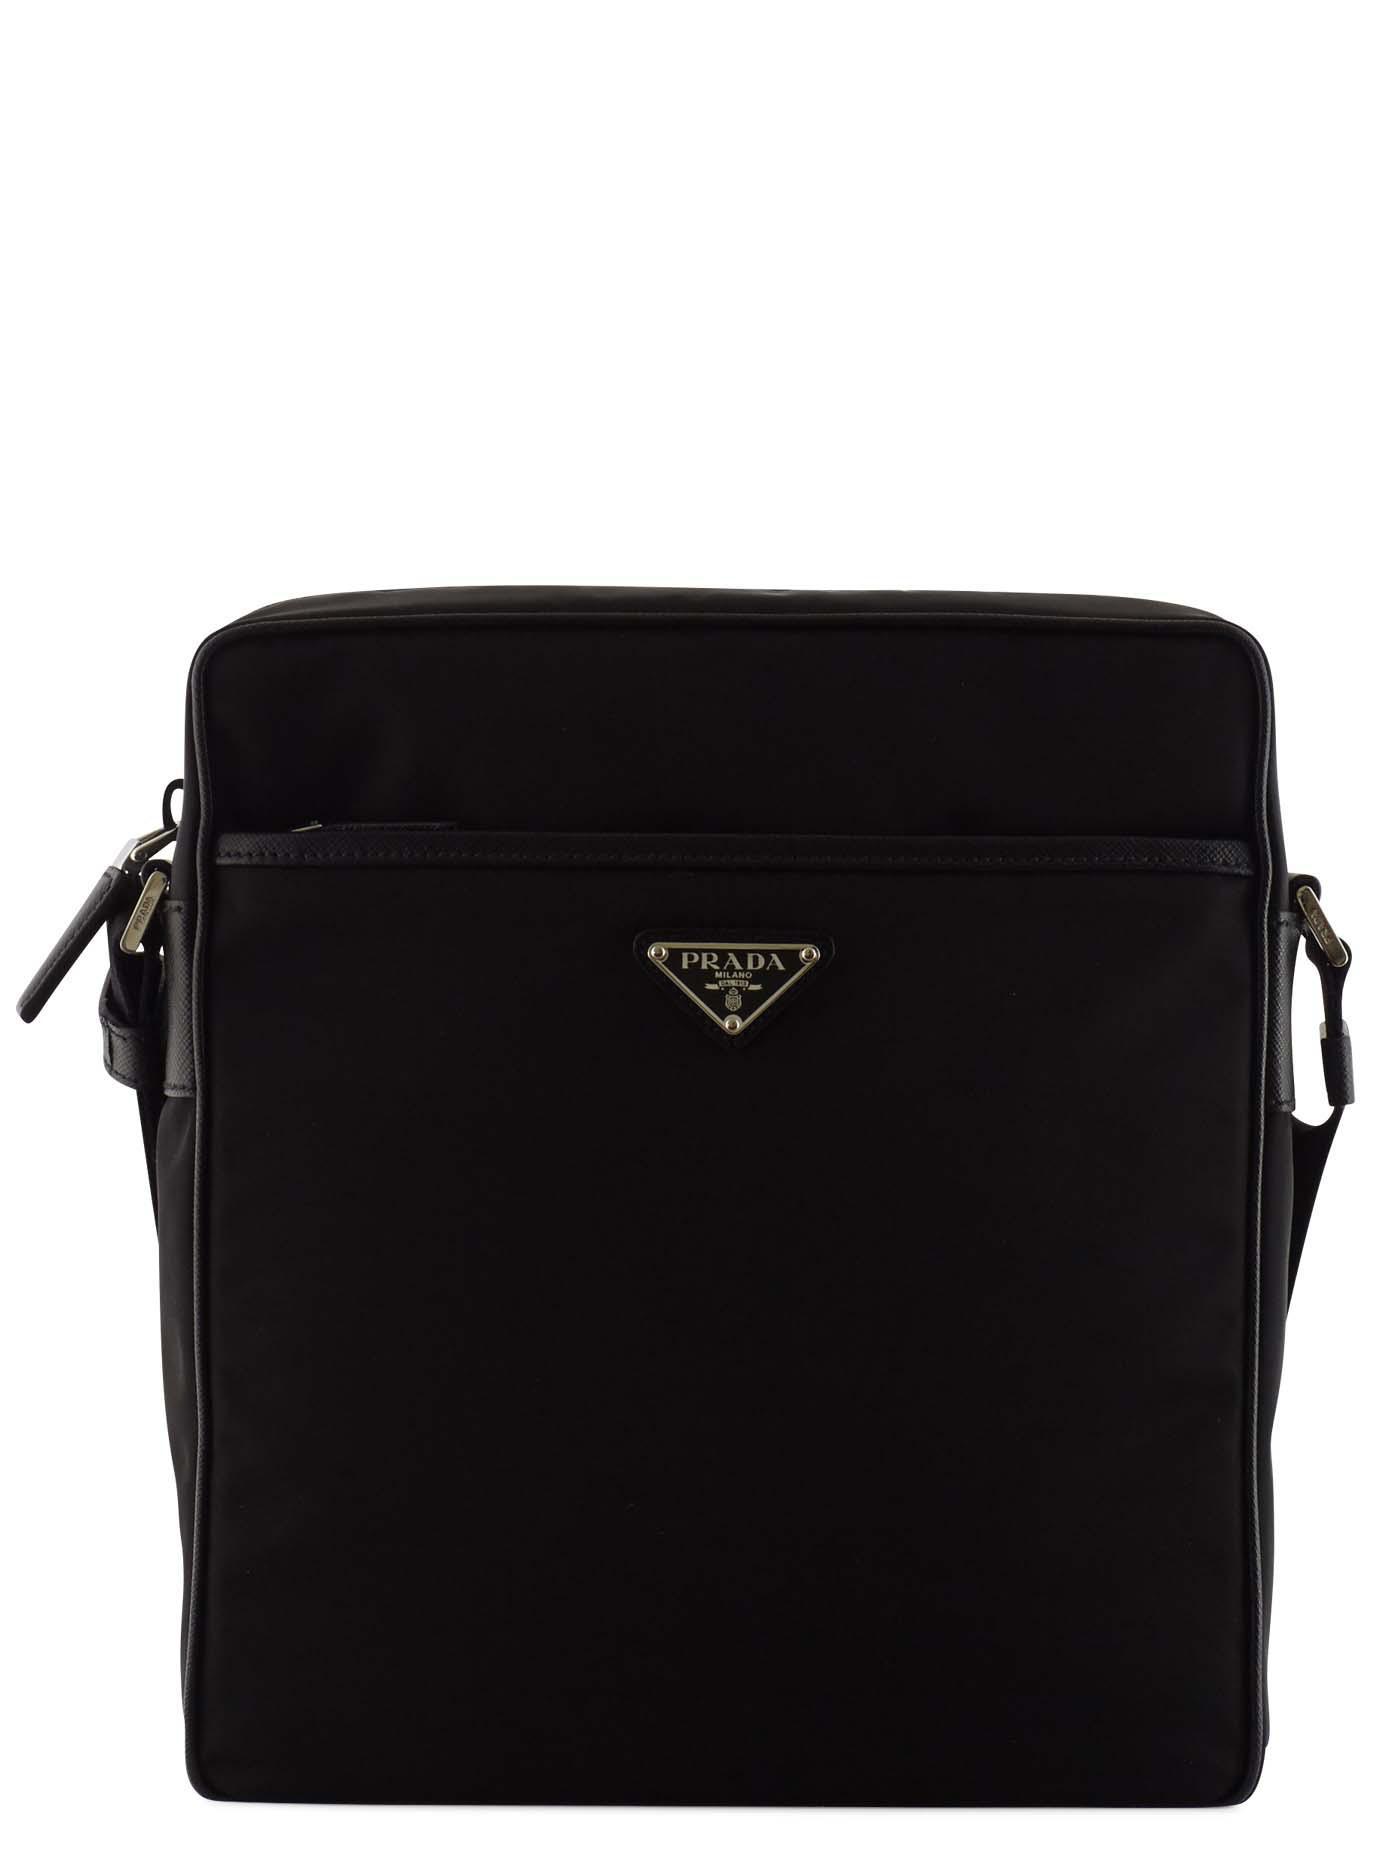 5700e2609f9d Prada Nylon Crossbody Bag in Black for Men - Lyst